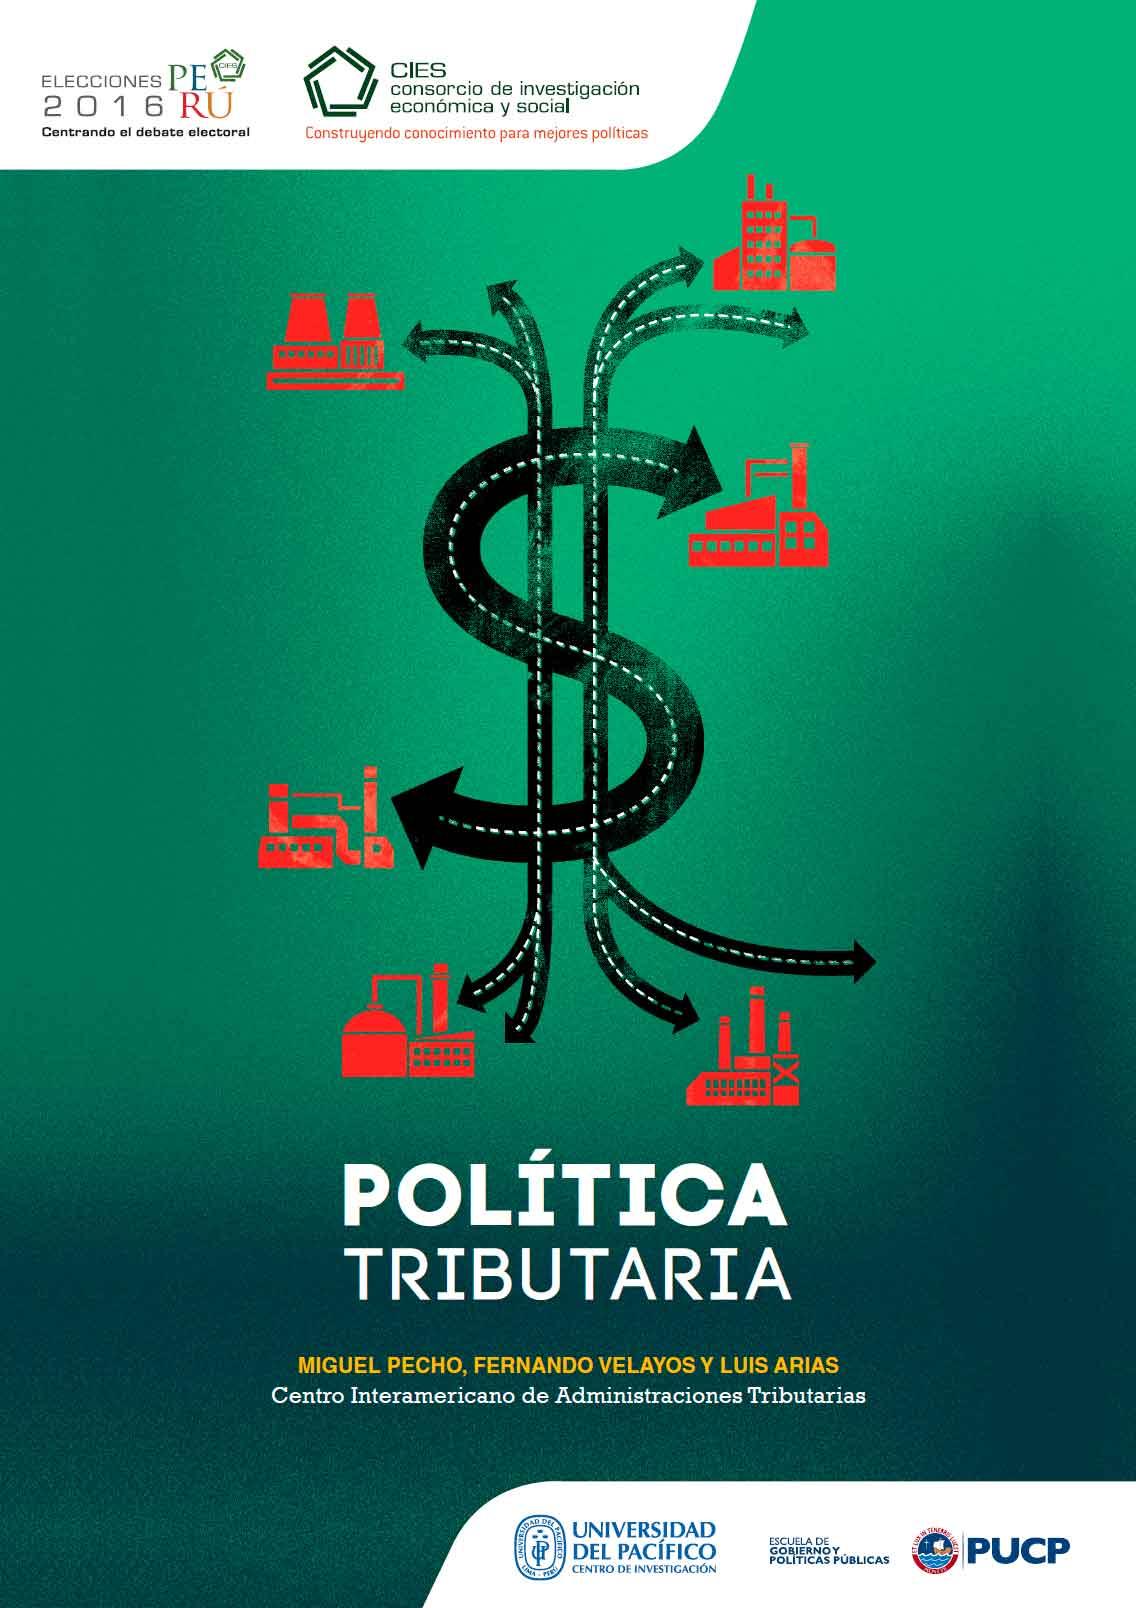 Documento de Política: Política tributaria